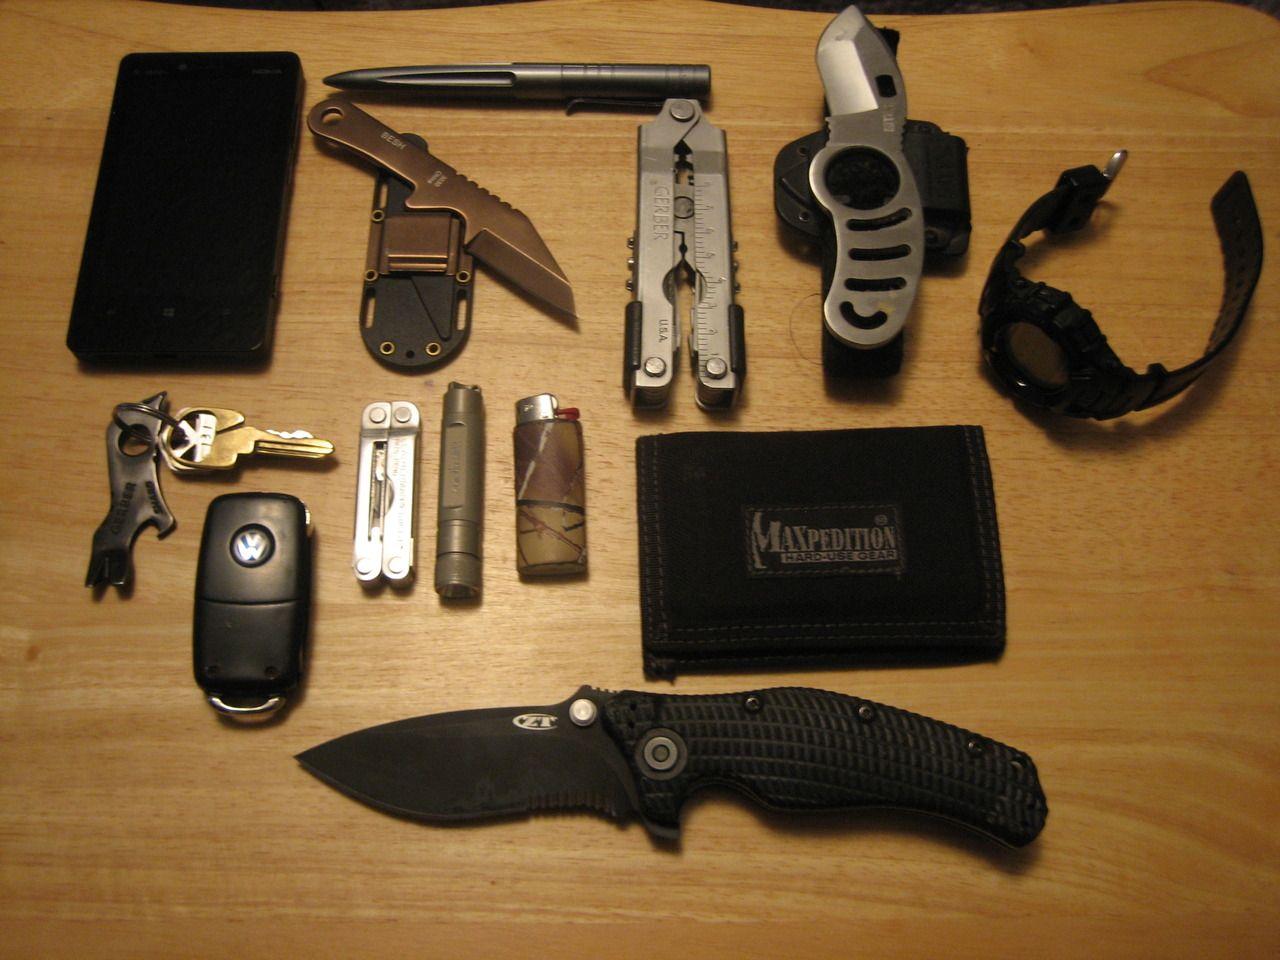 Mobili Boga ~ Nokia lumia ka bar besh boga knife schrade tactical pen gerber